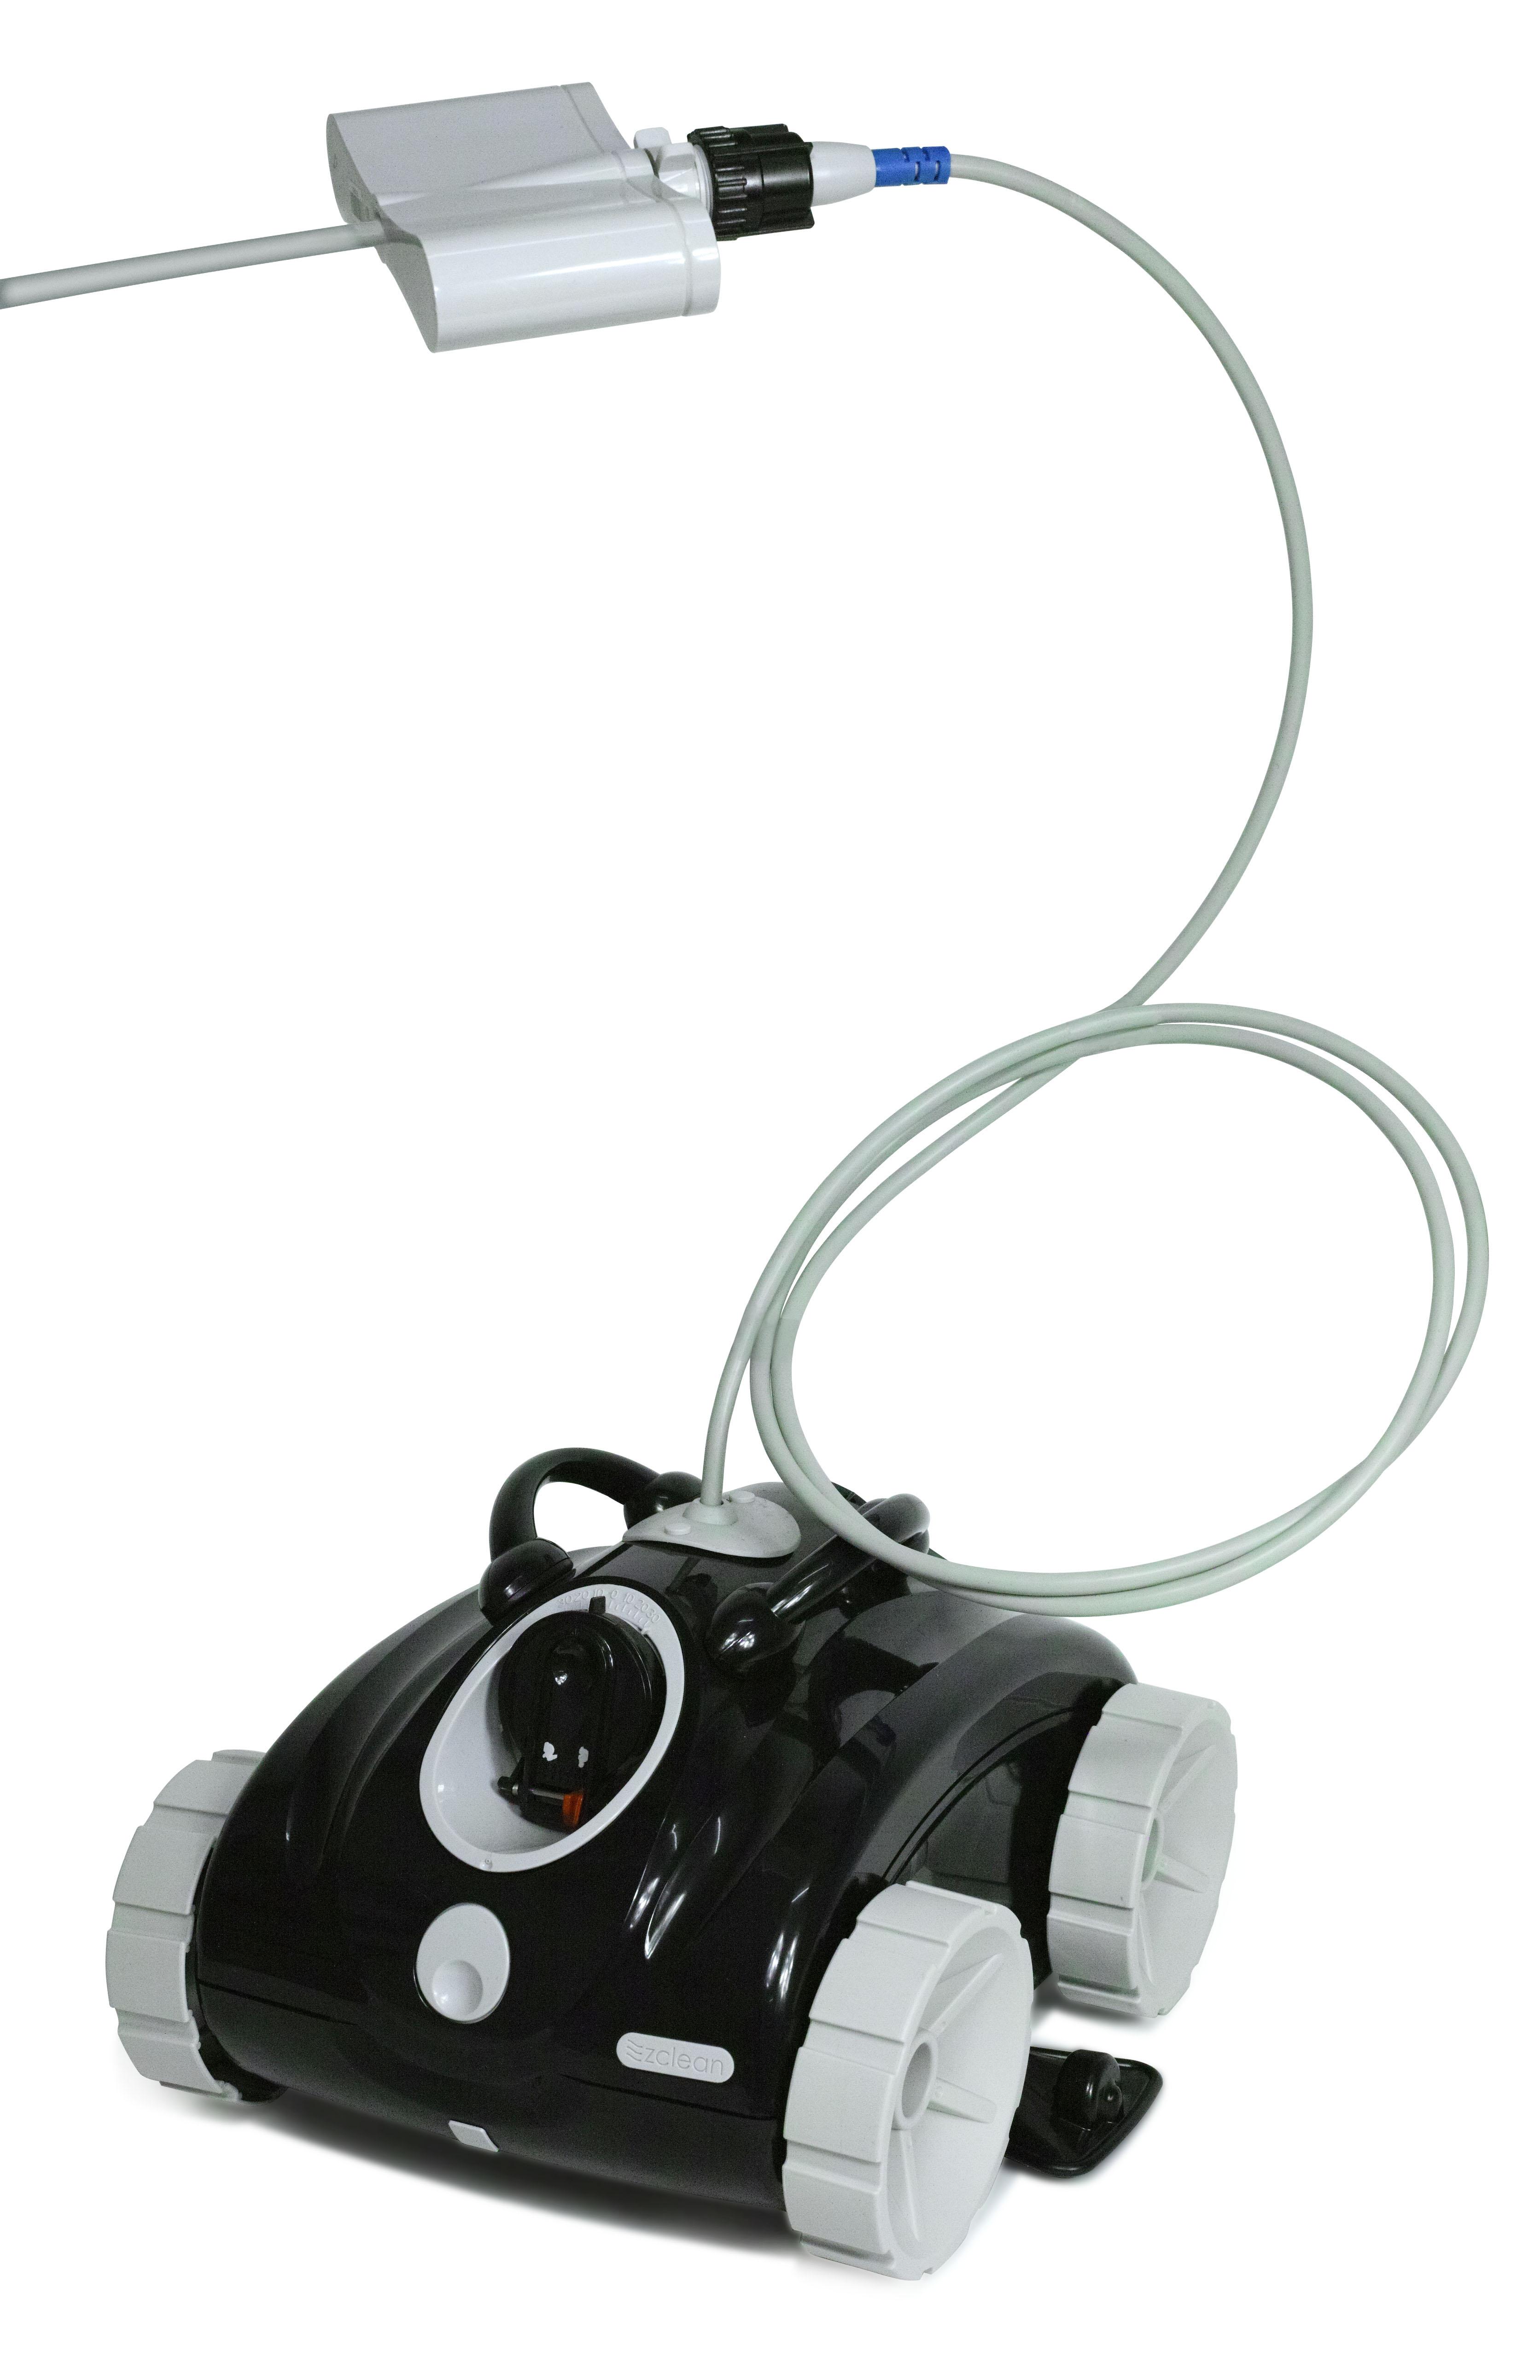 roboter staubsauger 5220. Black Bedroom Furniture Sets. Home Design Ideas